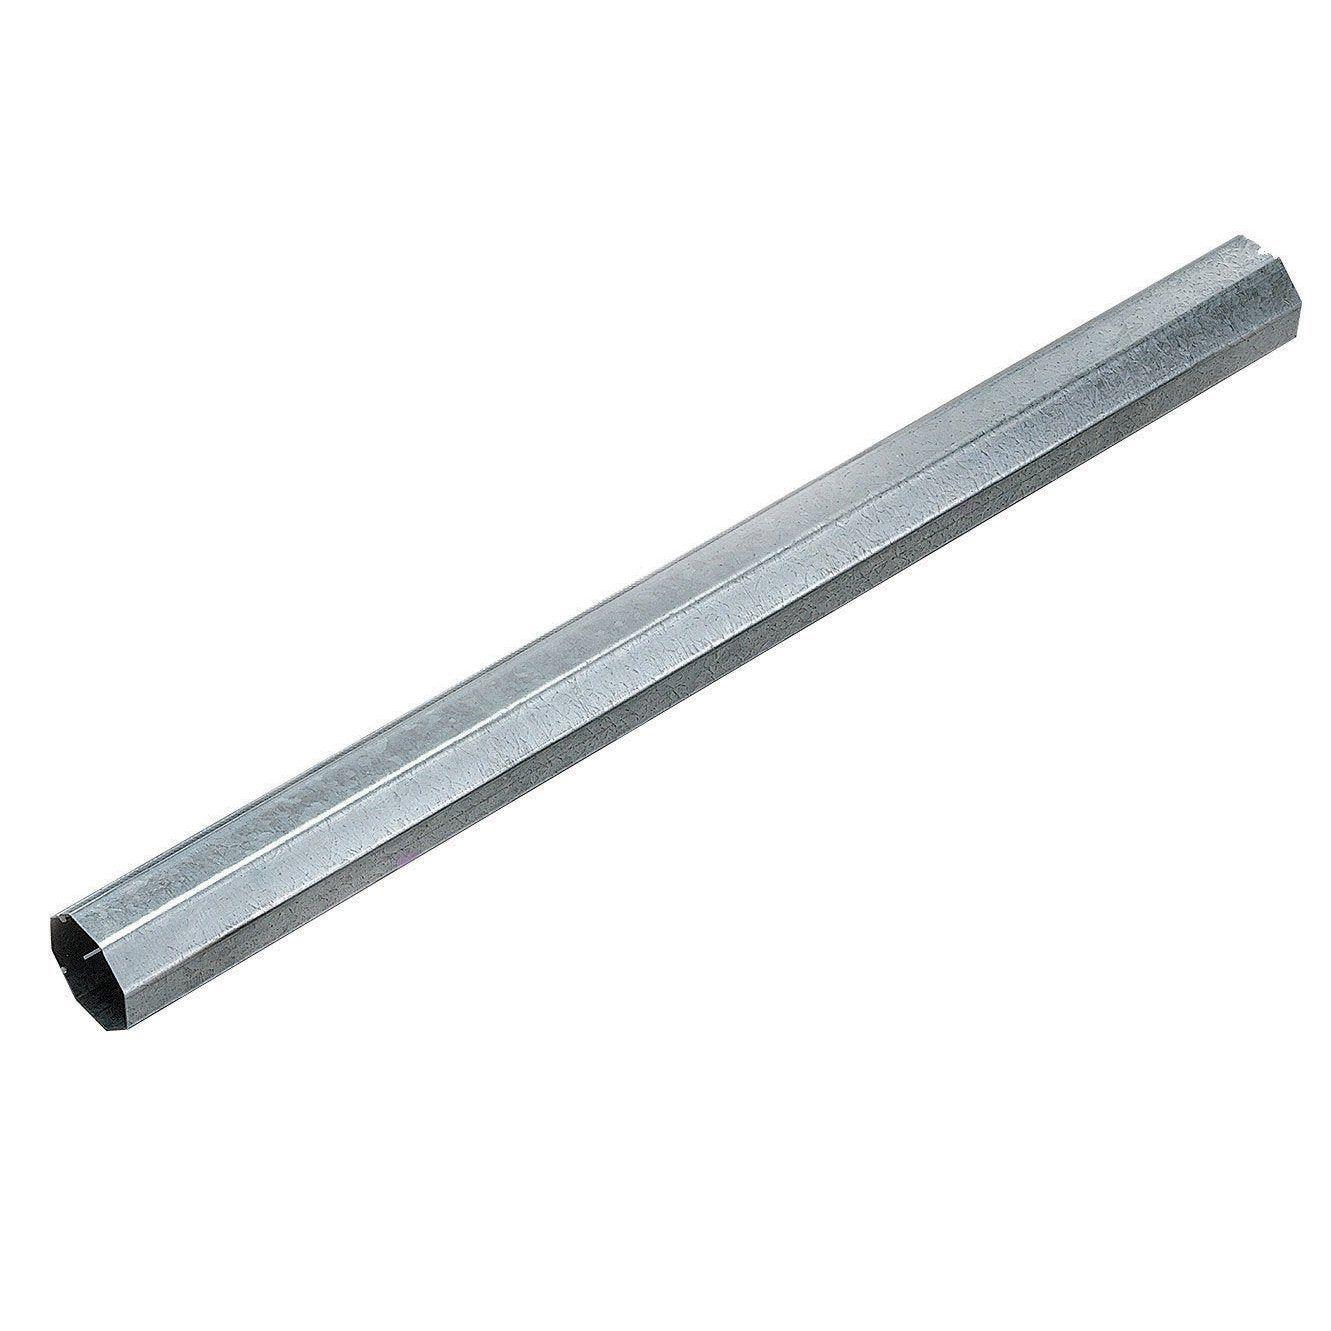 Rallonge De Tube Windoroll Pour Motorisation De Volet Roulant Somfy Volet Roulant Et Volet